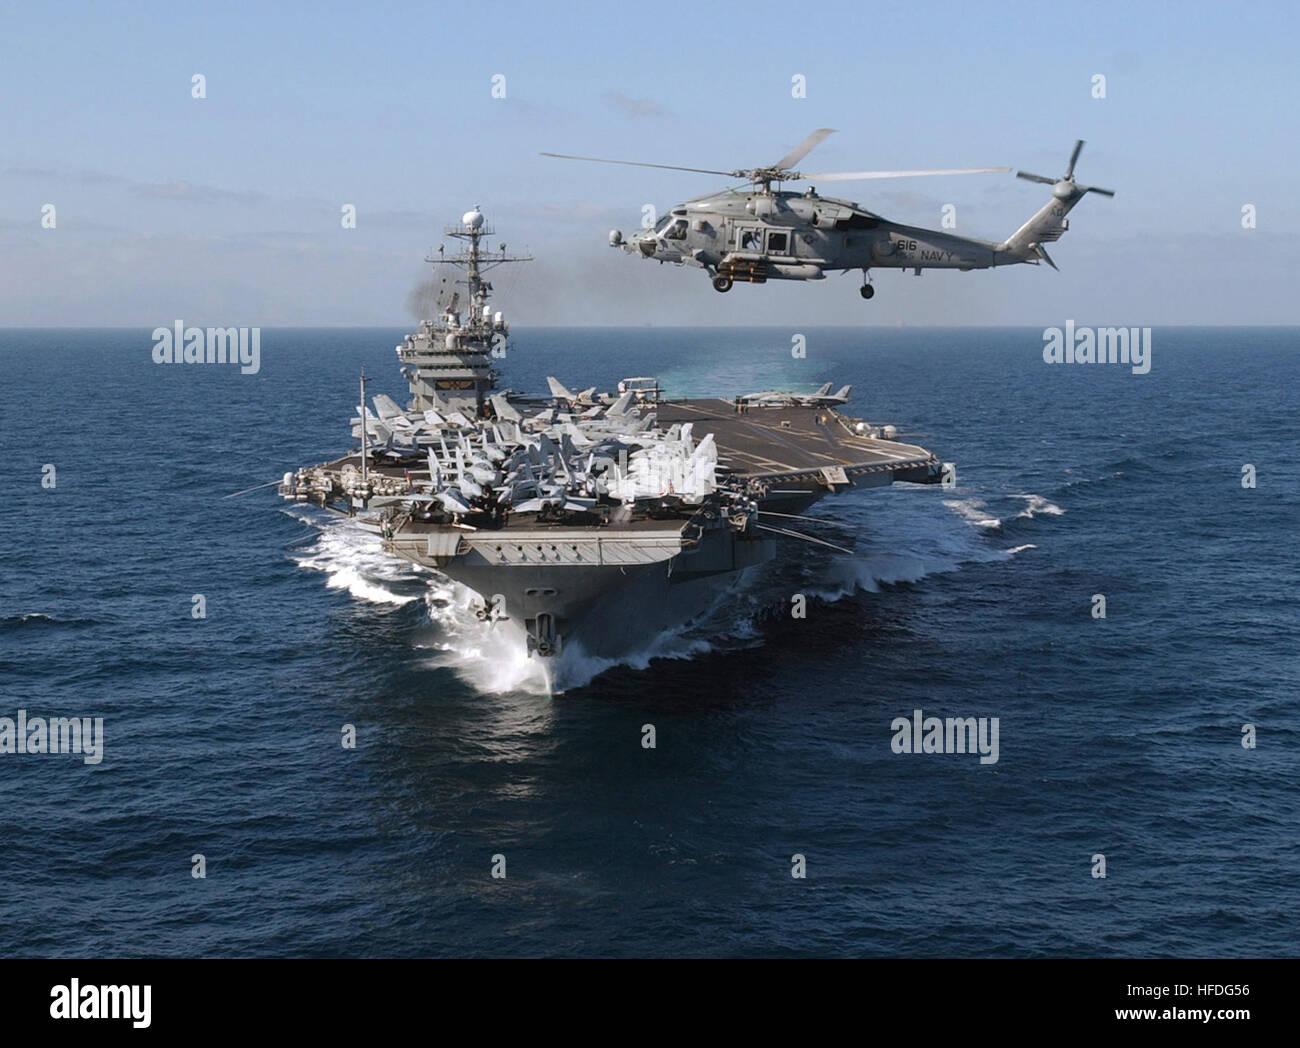 020223 n 6492h 502 at sea with uss john f kennedy cv 67 feb 23